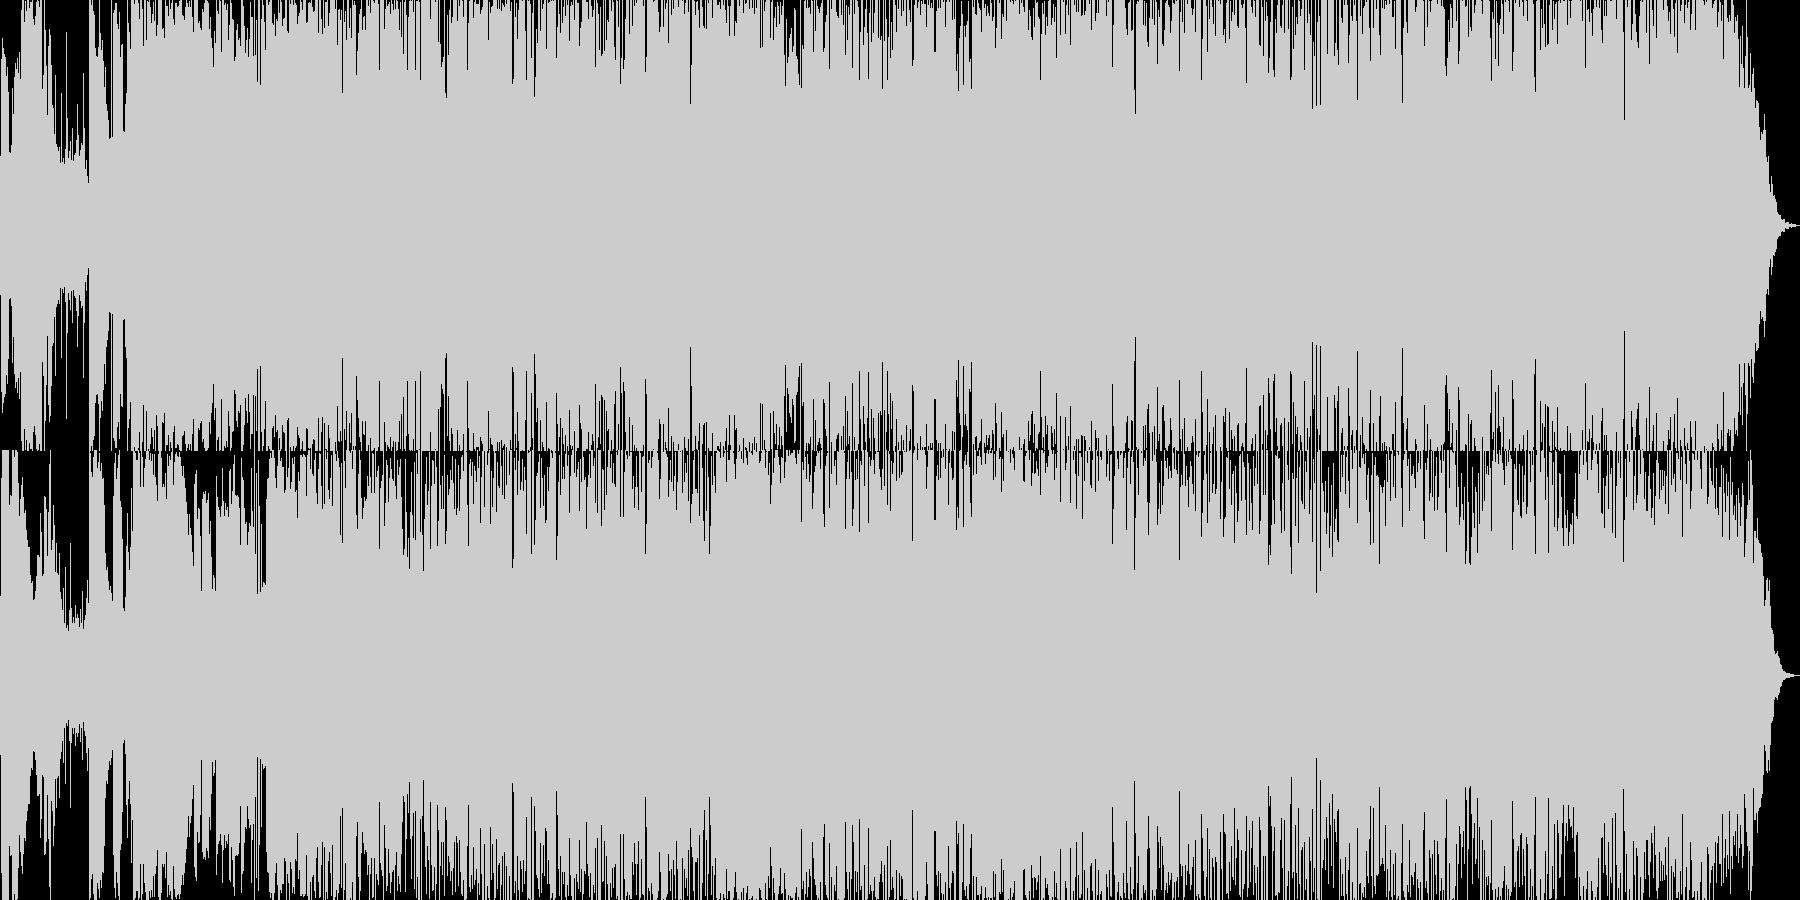 動画 サスペンス 静か 楽しげ フ...の未再生の波形